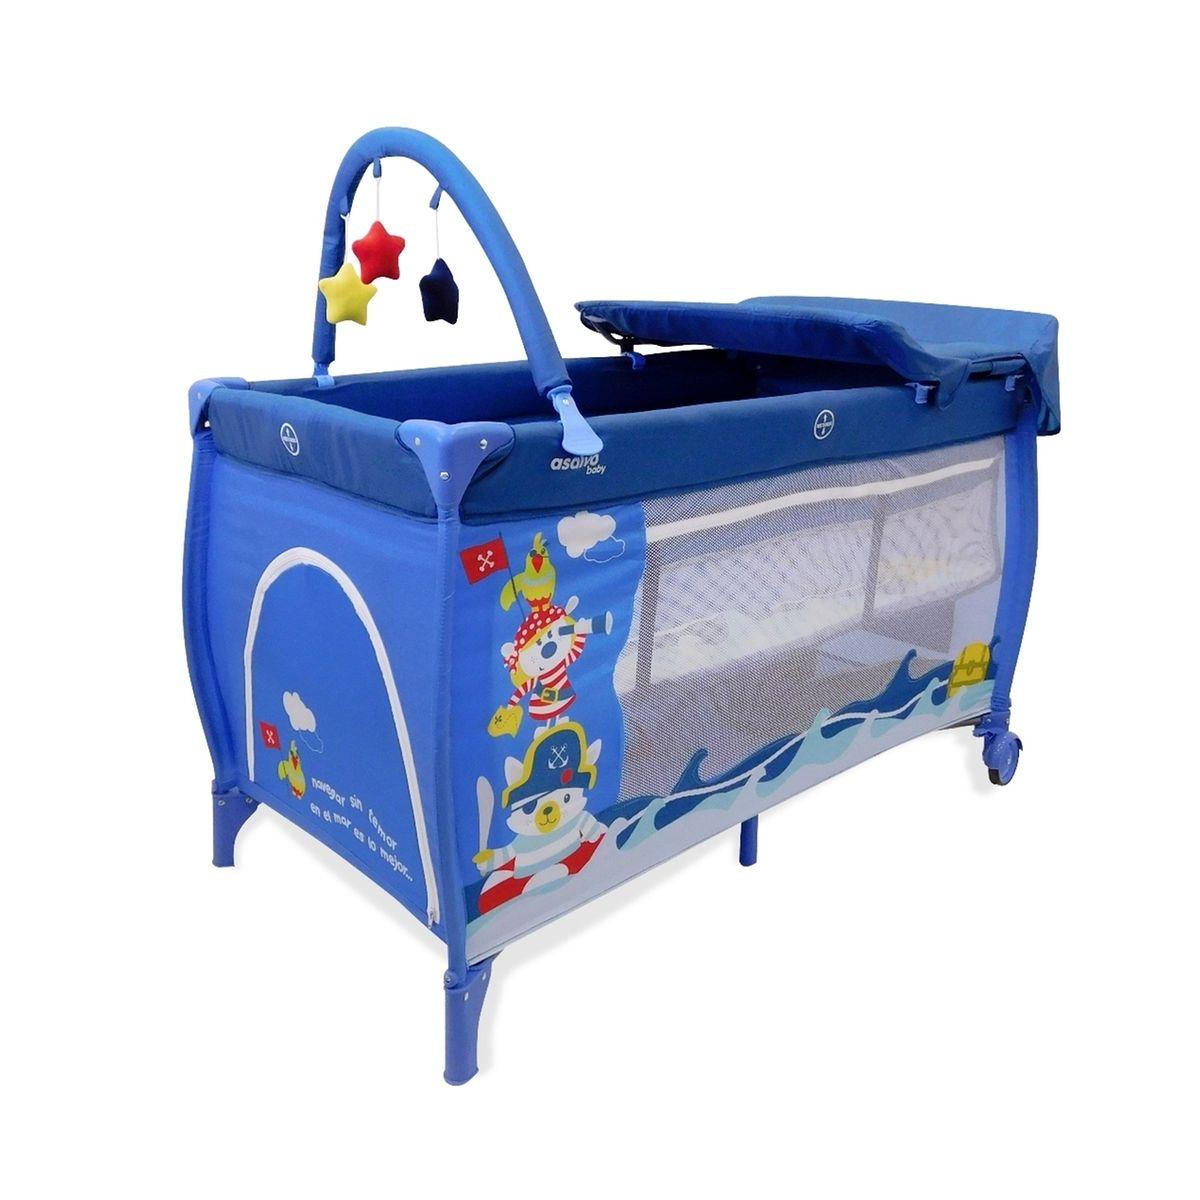 Lit pliant Baby Fox collection 'aventure' avec rehausseur, table à langer et arche - bleu